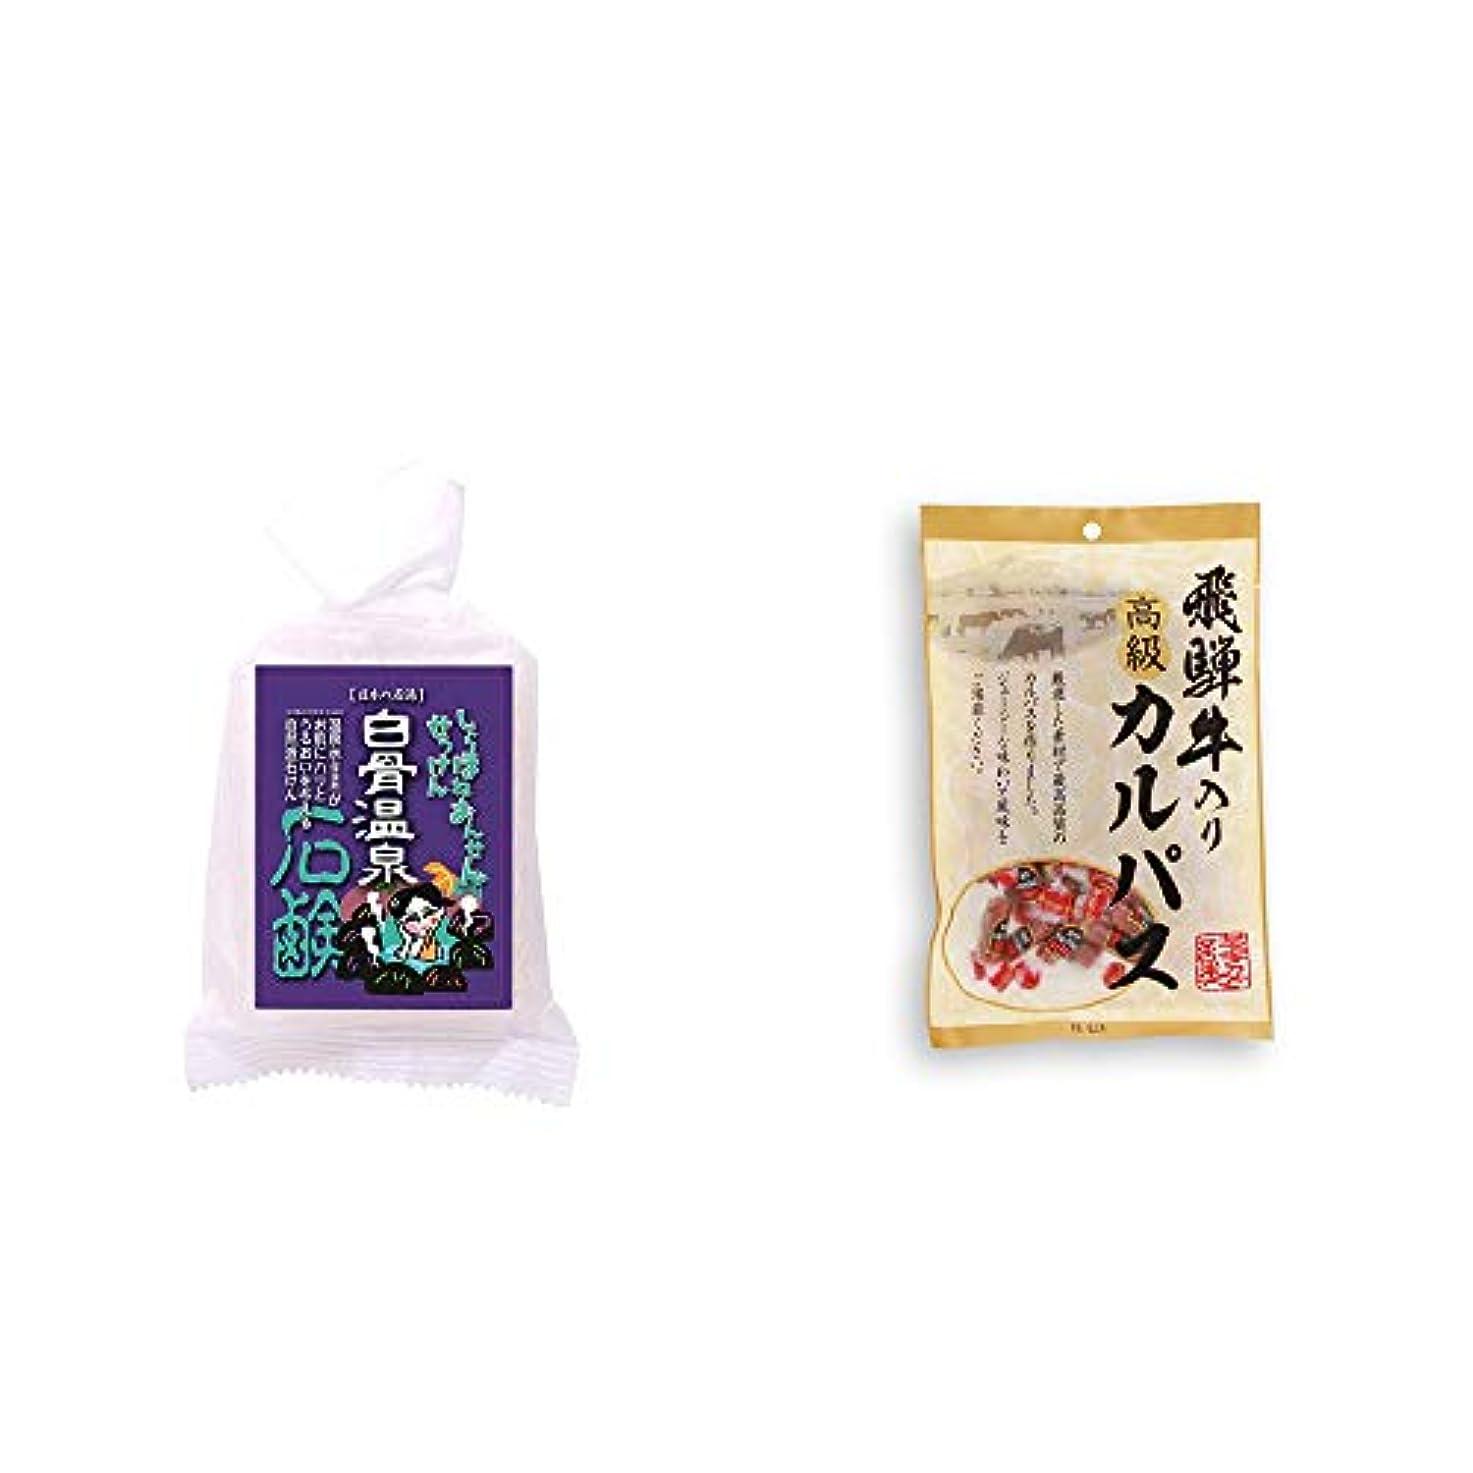 ご飯ジャンピングジャック豆[2点セット] 信州 白骨温泉石鹸(80g)?厳選素材 飛騨牛入り高級カルパス(100g)